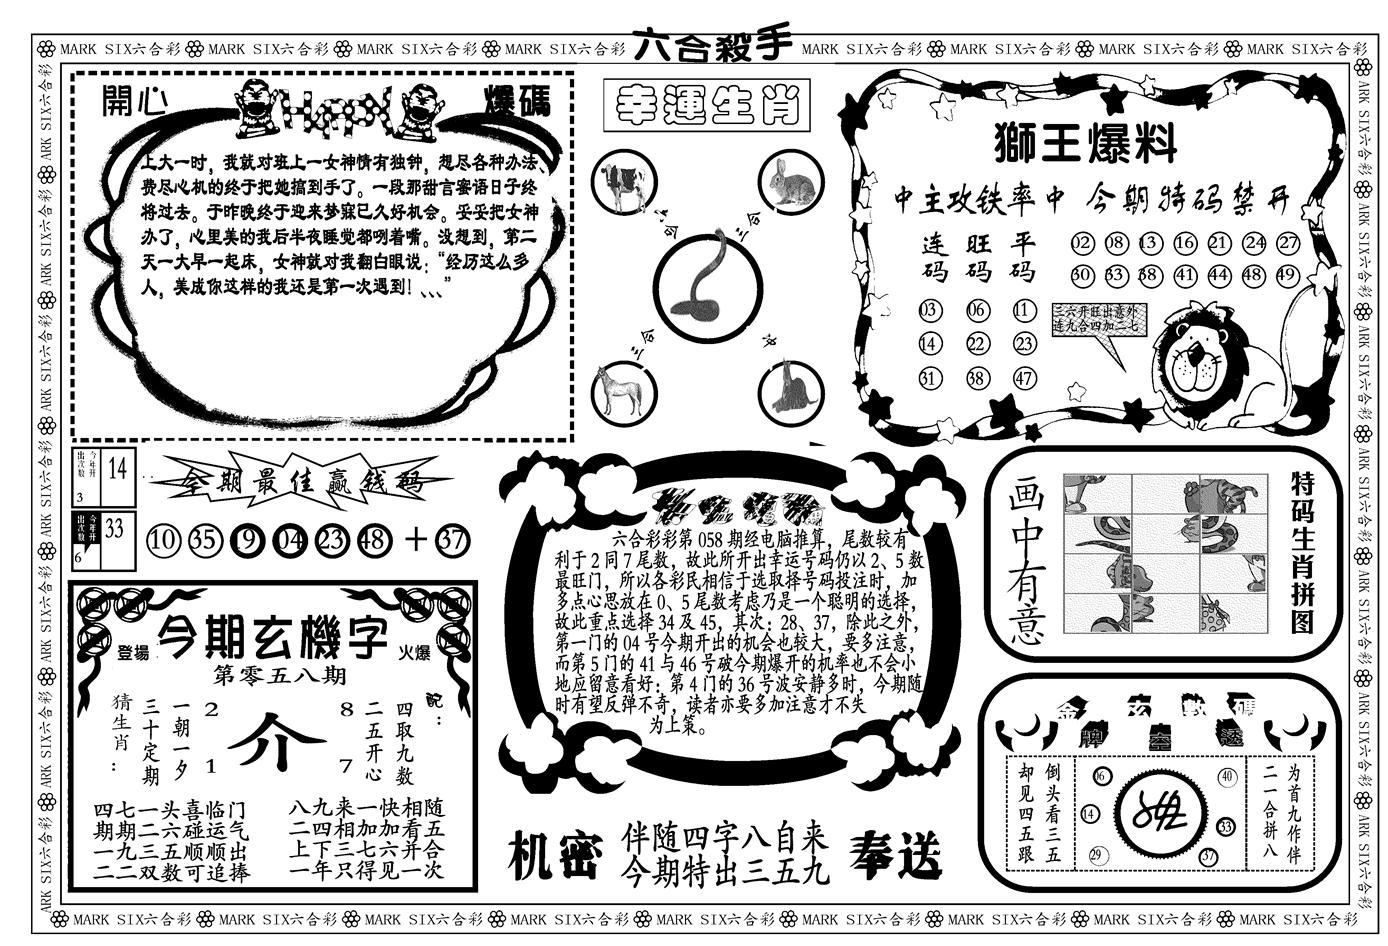 058期新六合杀手B(黑白)